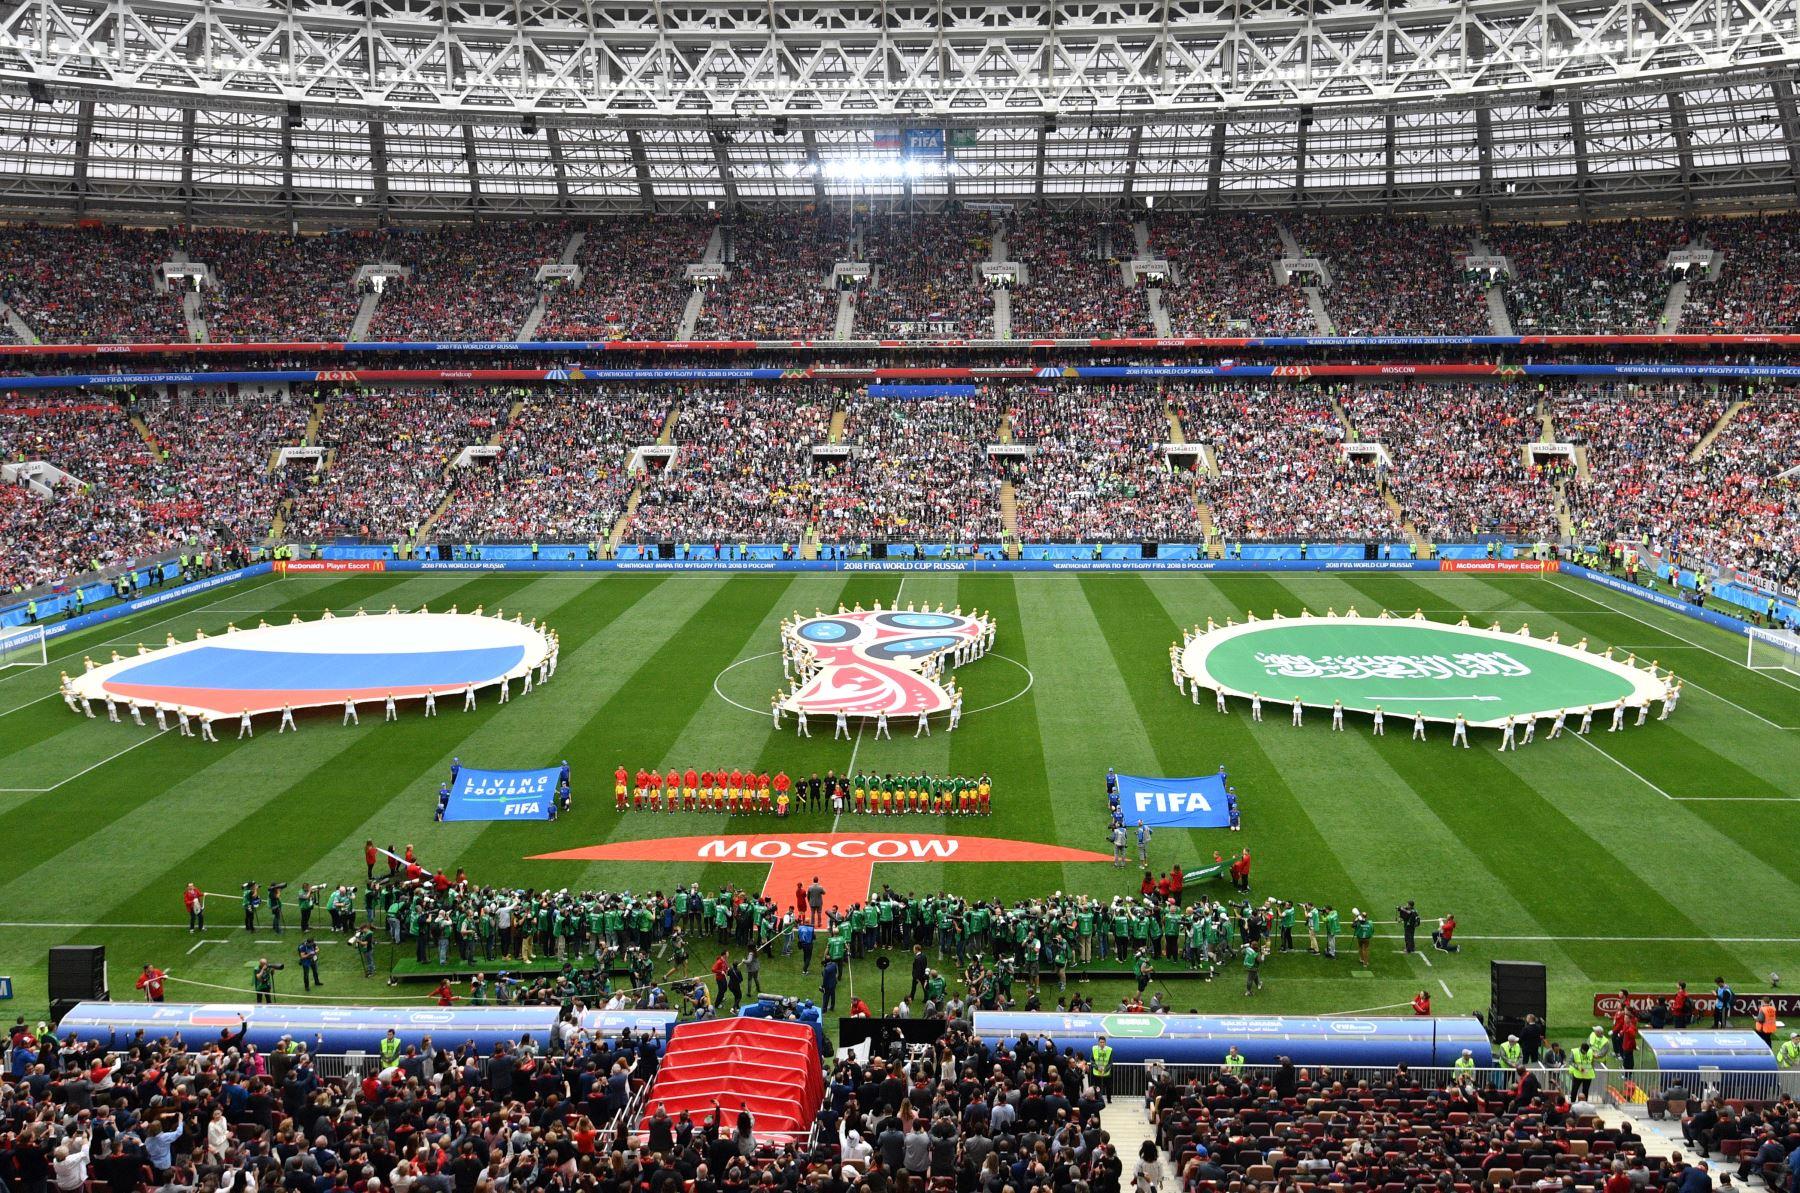 Jugadores de Rusia (centro L) y Arabia Saudita (centro R) se alinean antes del partido de fútbol Rusia A de la Copa Mundial 2018 entre Rusia y Arabia Saudita en el Estadio Luzhniki en Moscú. Foto: AFP